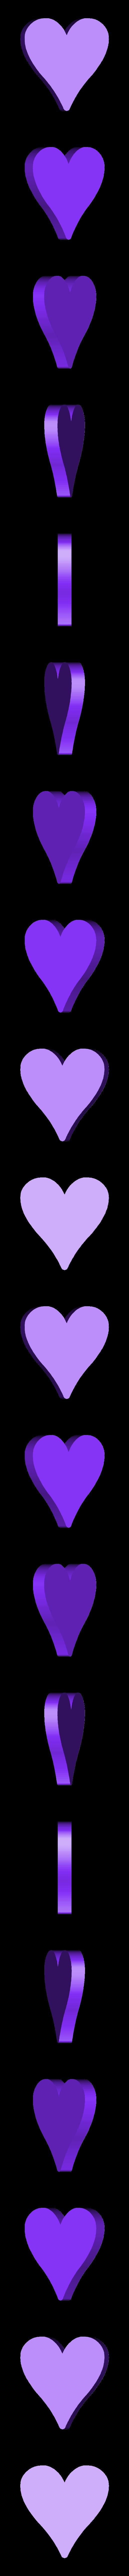 heart.stl Télécharger fichier STL gratuit Figure de coeur • Plan pour imprimante 3D, gulermdeniz